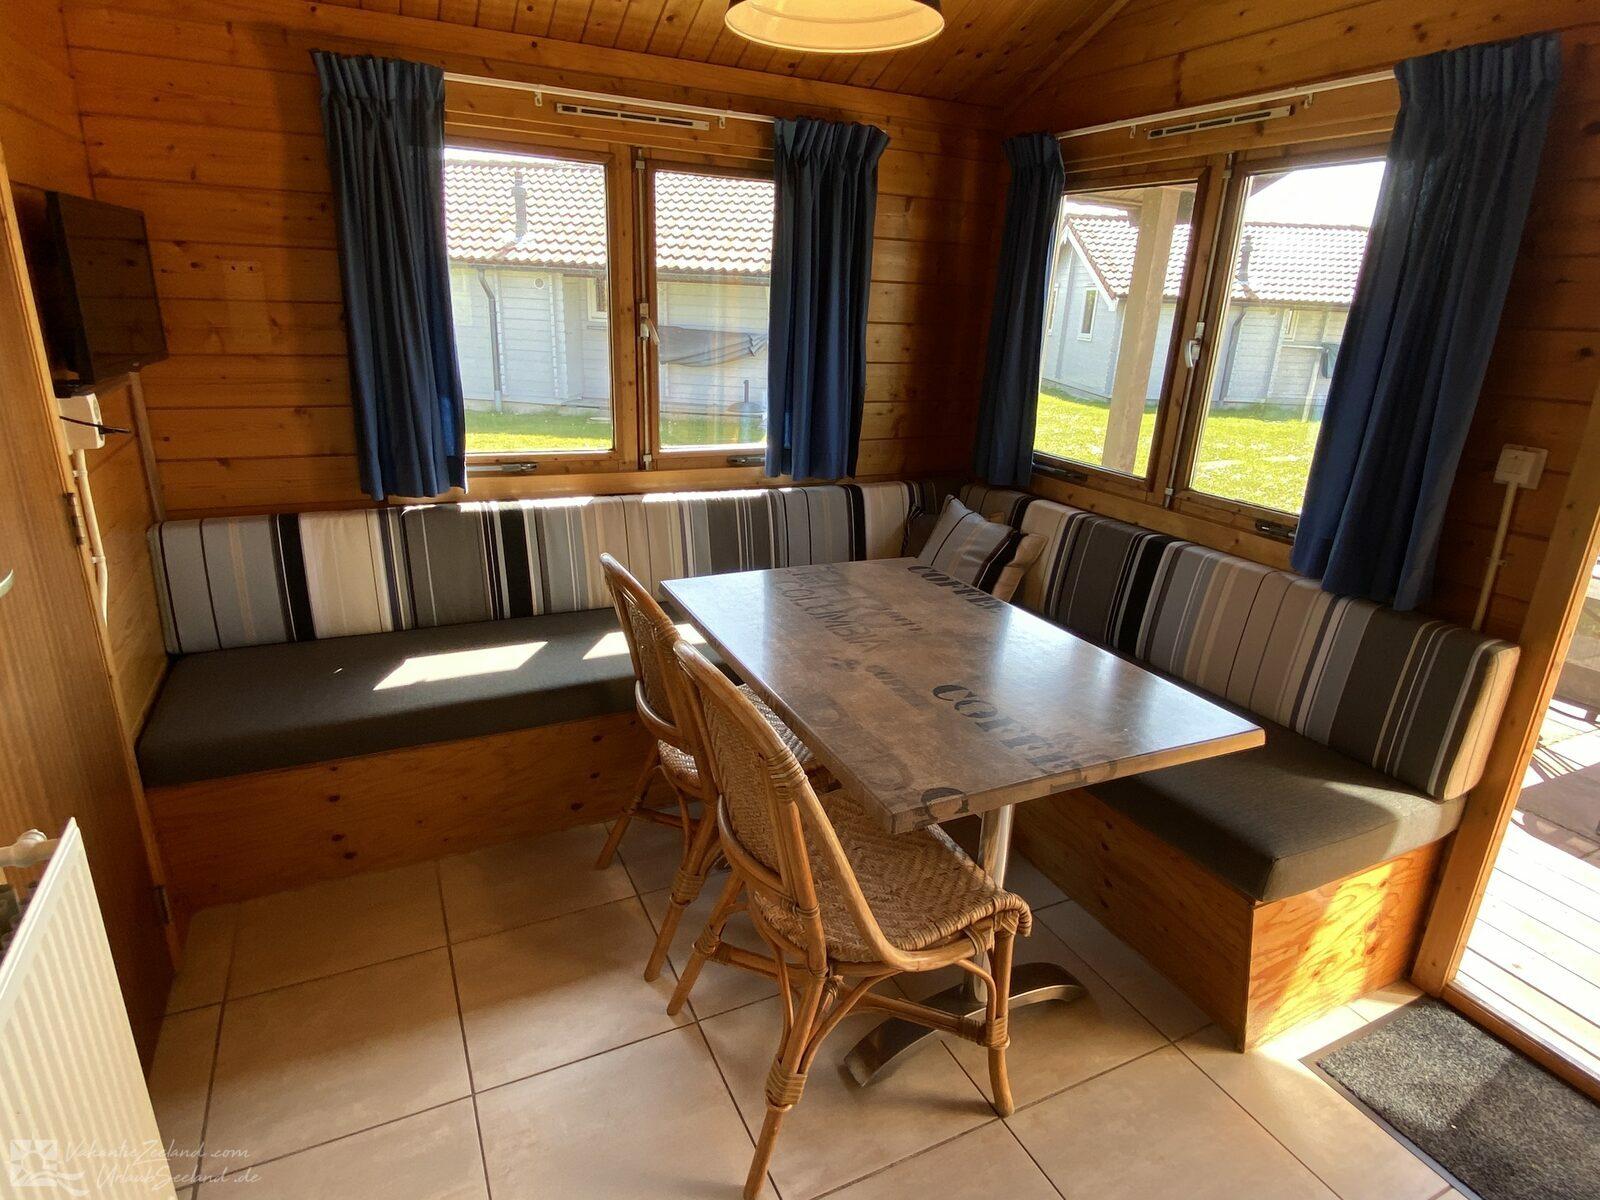 VZ277 Camping-Villa in Ellemeet